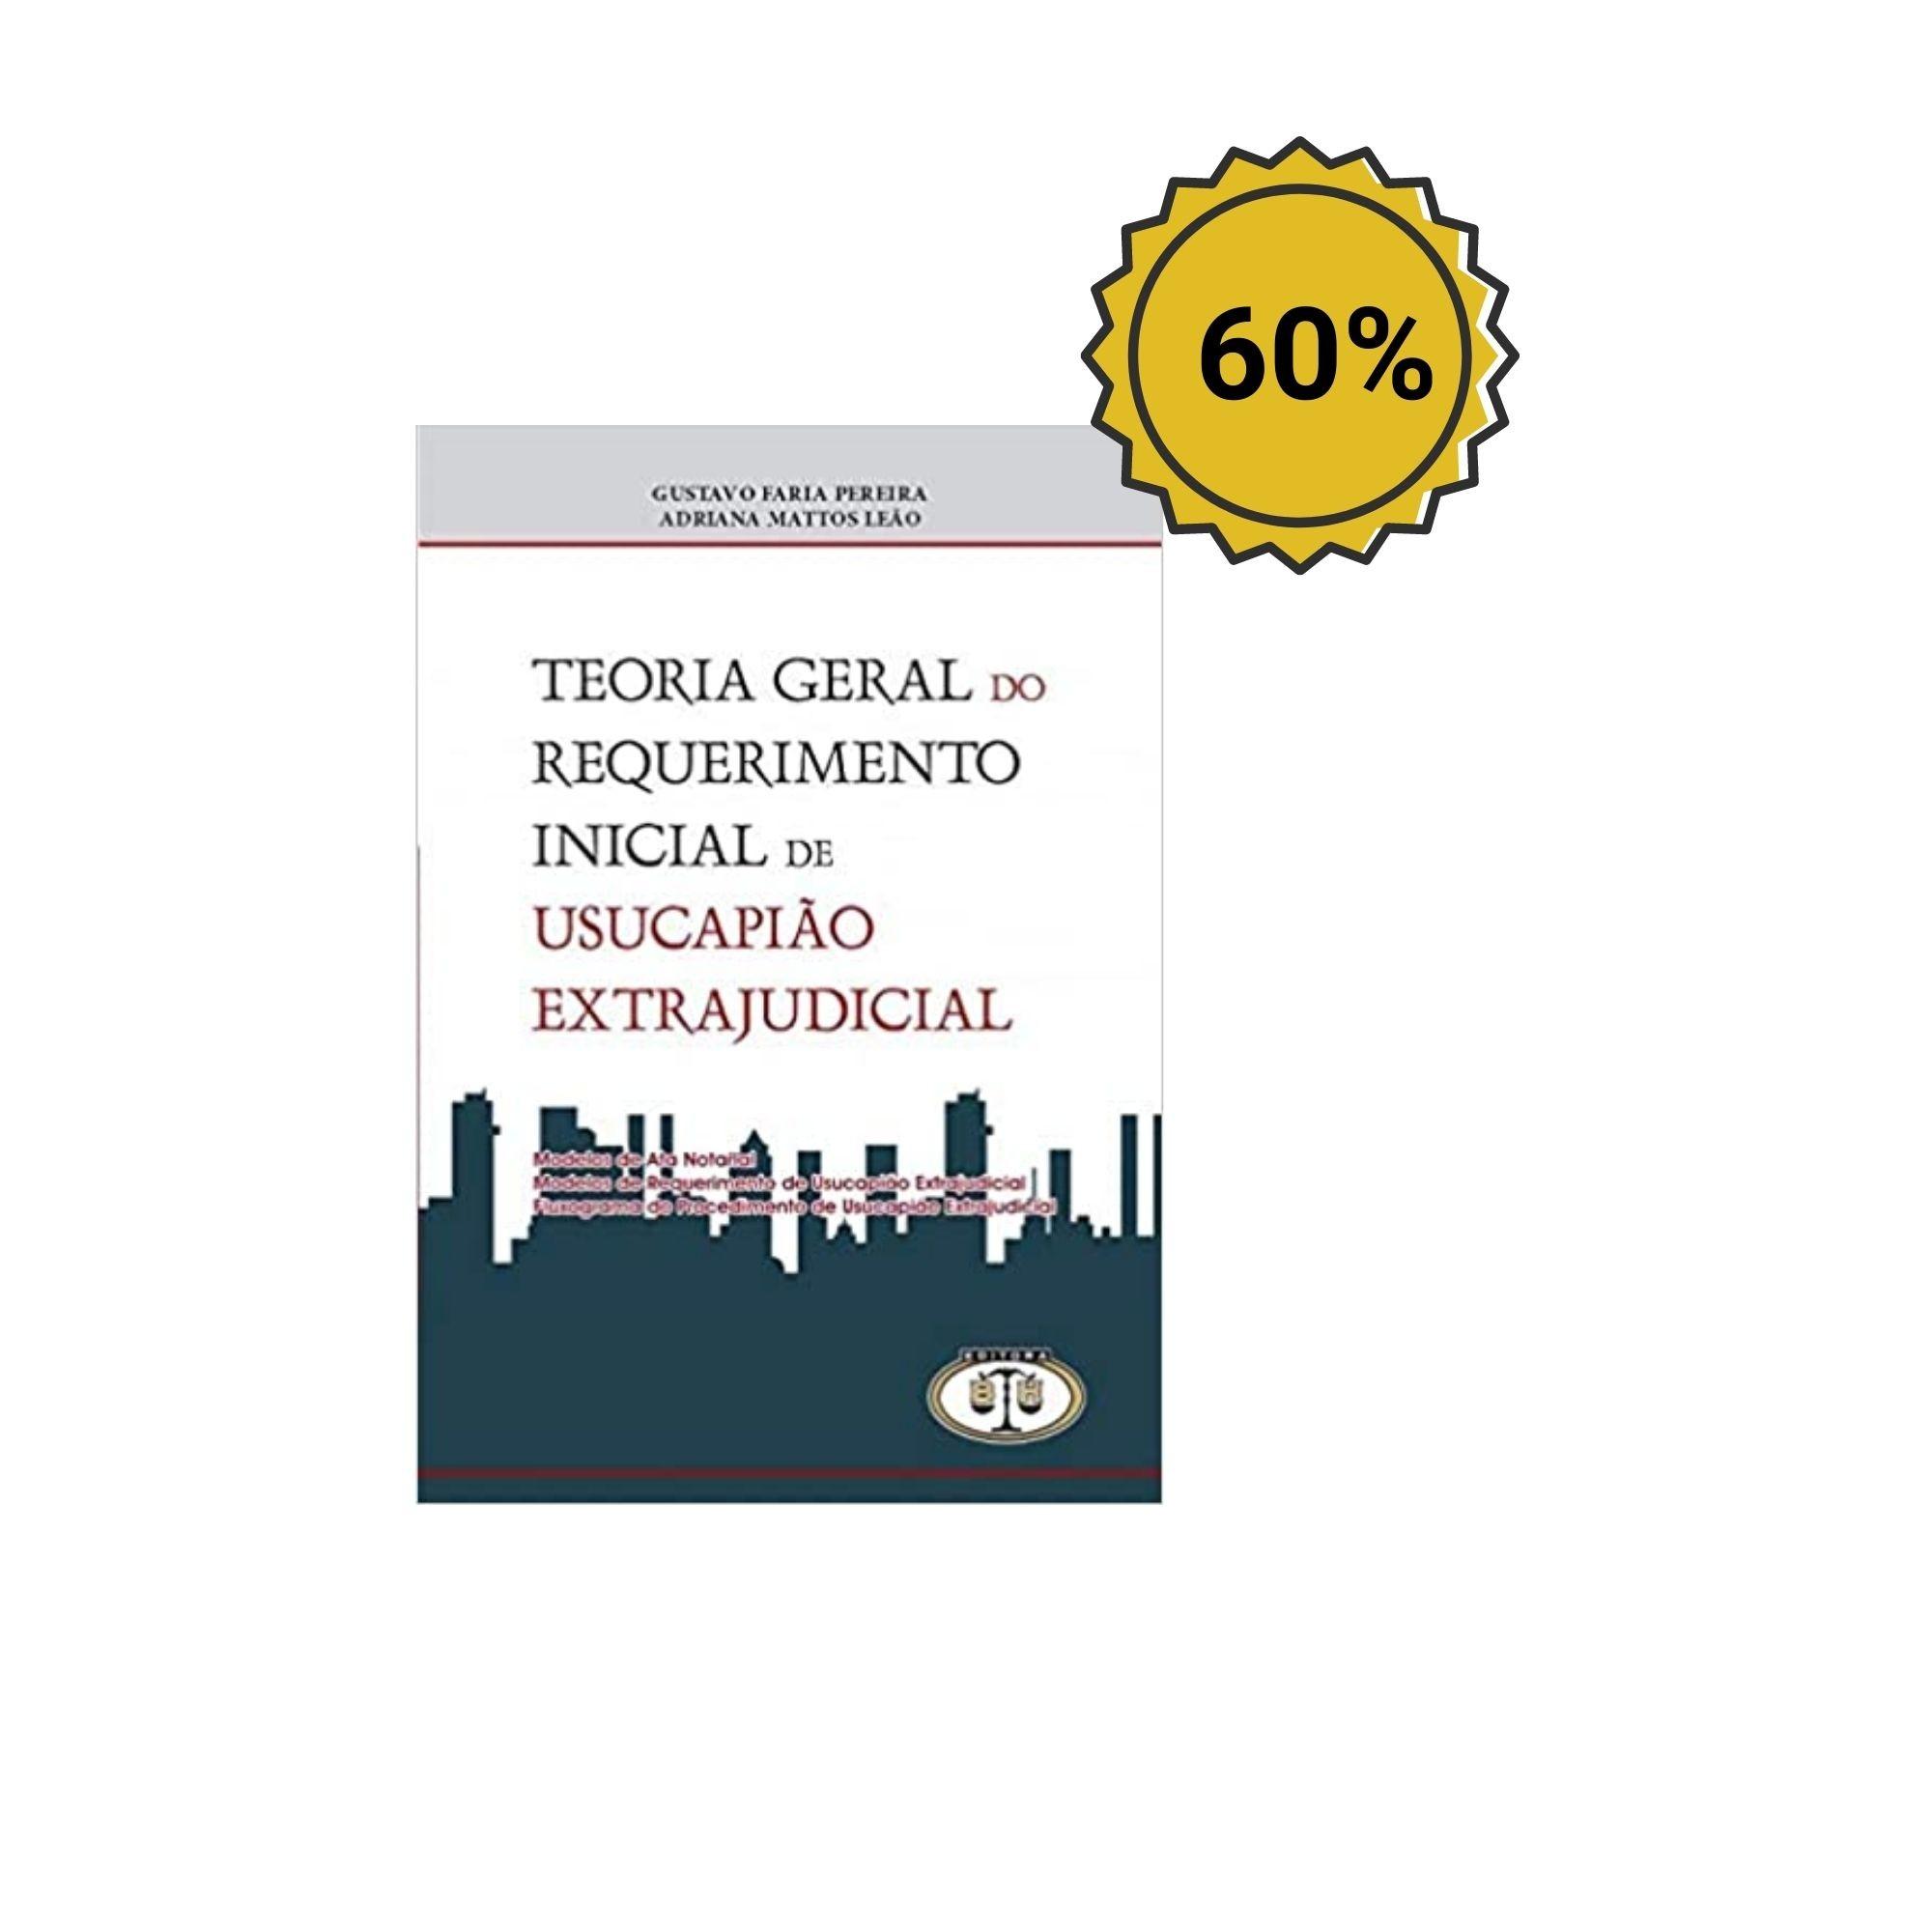 Teoria Geral do Requerimento Inicial de Usucapião Extrajudicial - Gustavo Faria Pereira / Adriana Mattos Leão